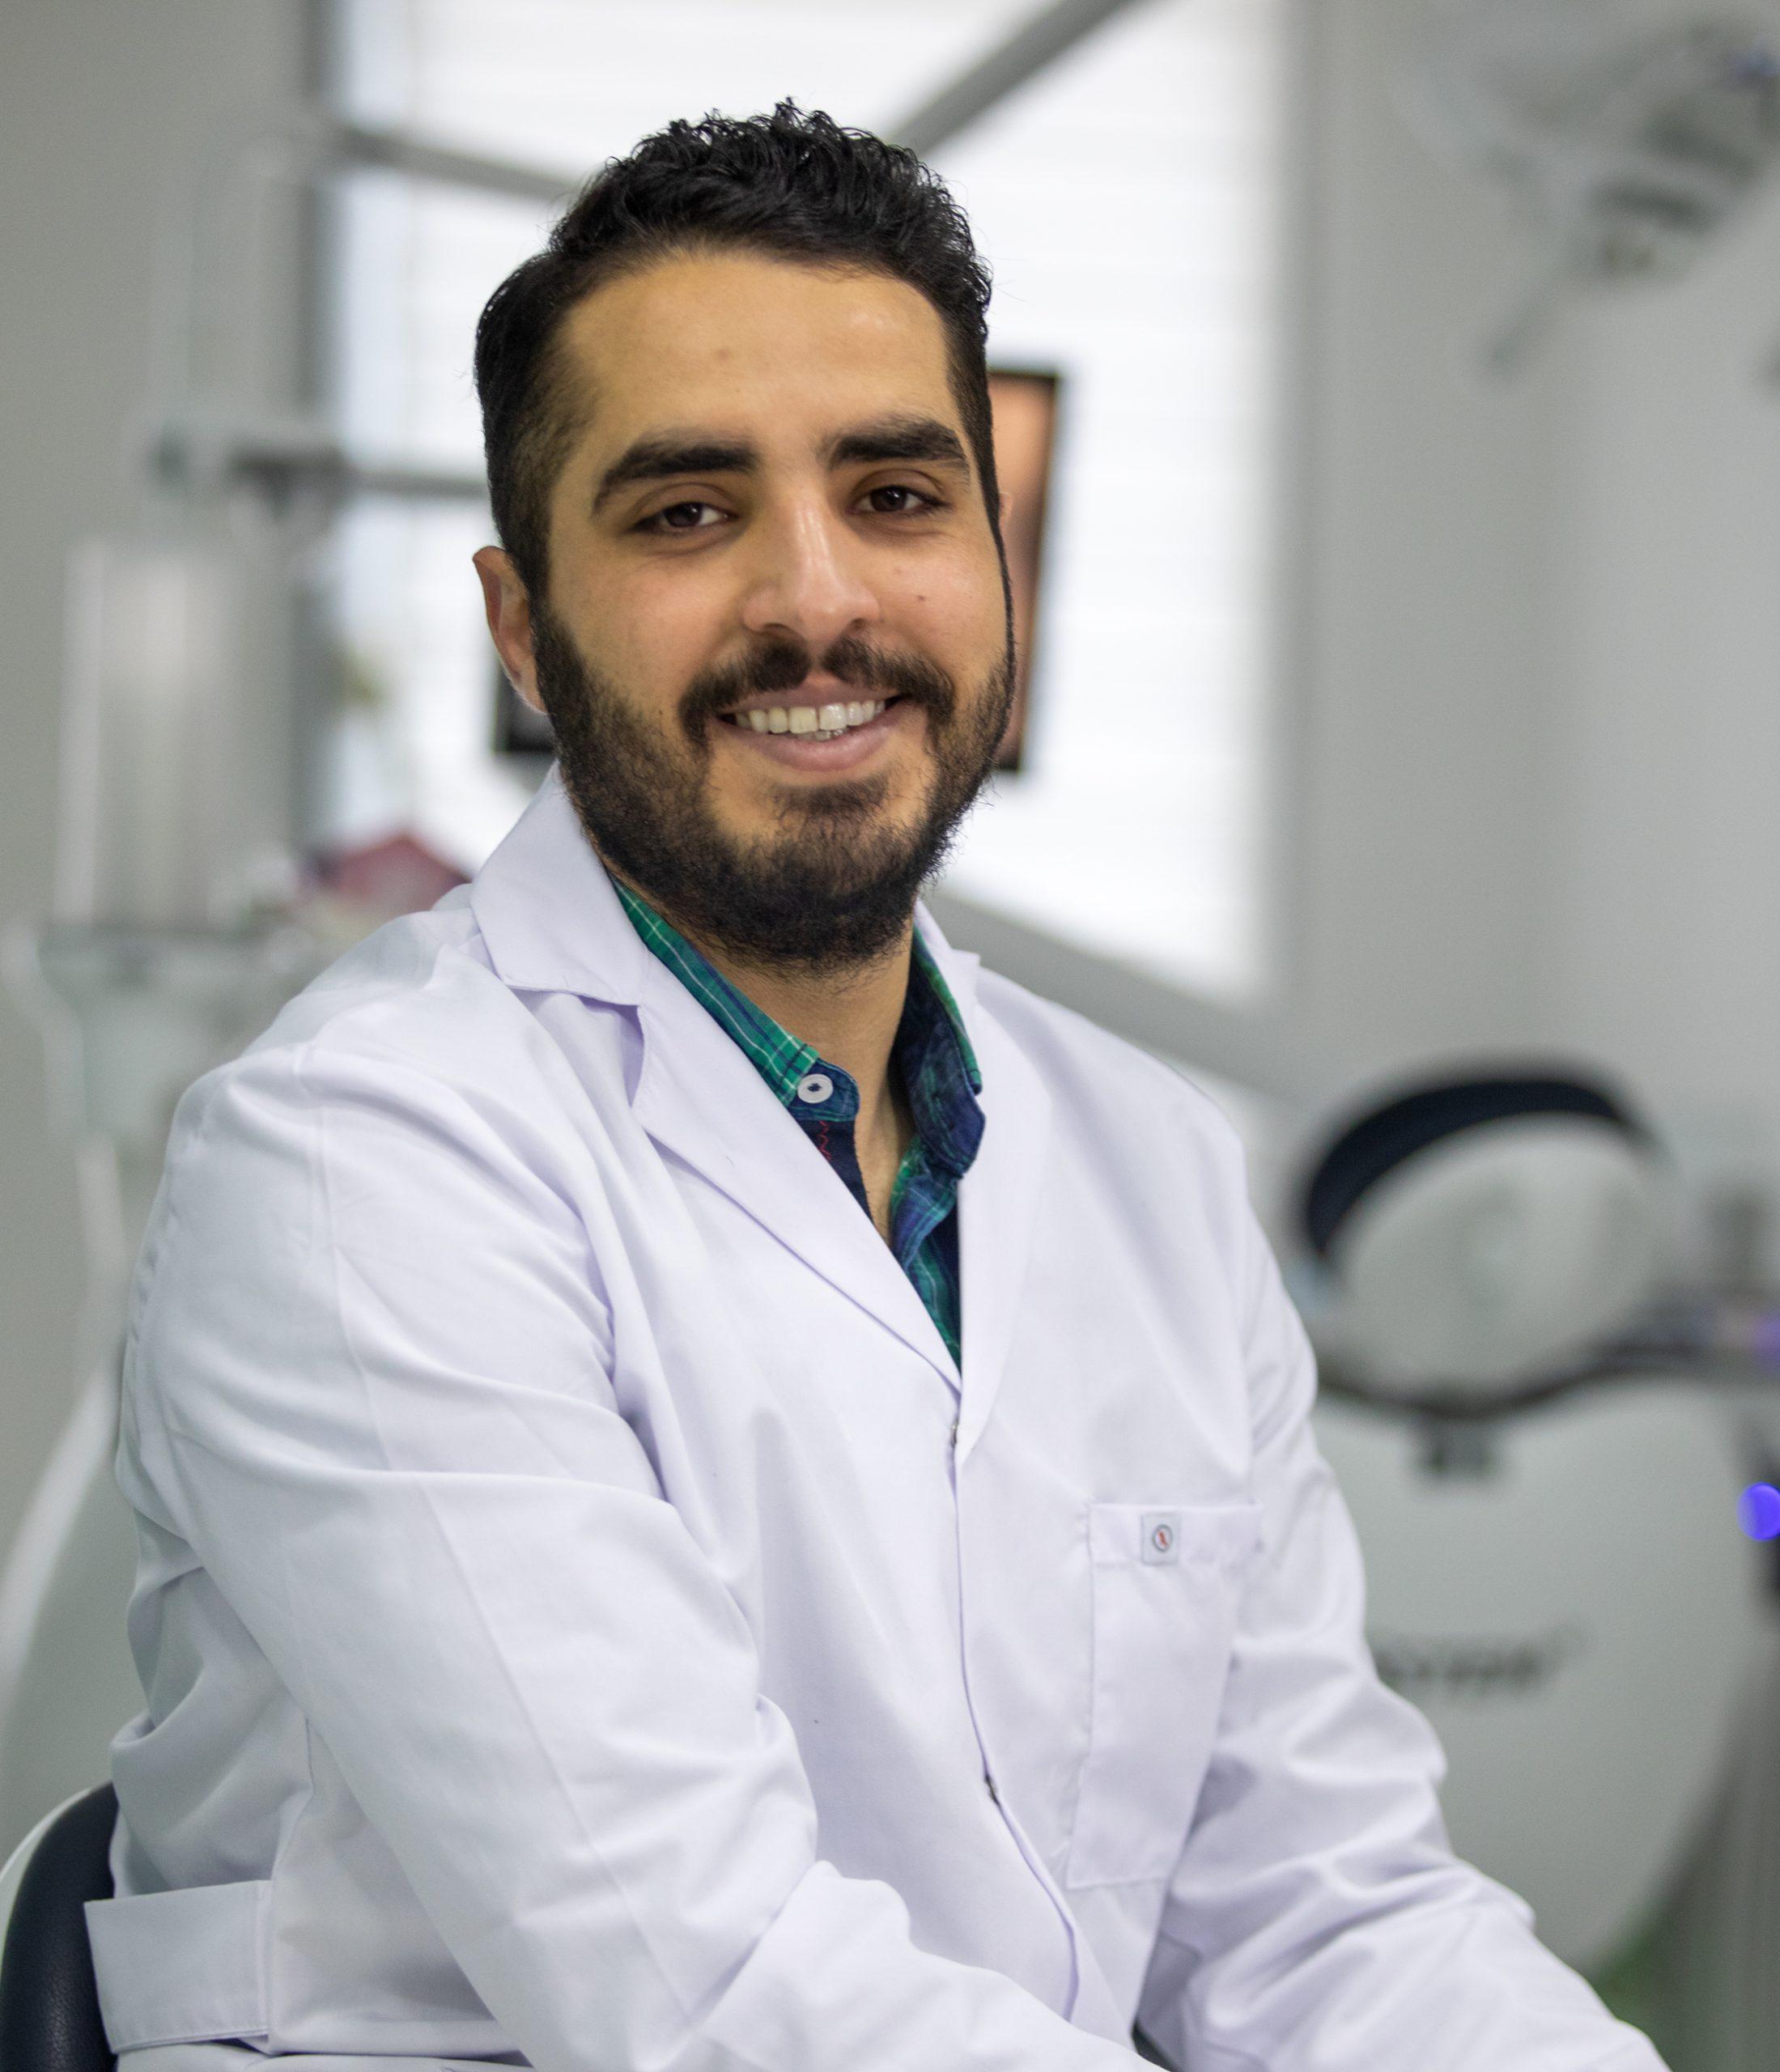 جراحة الفكين و زراعة الأسنان في تركيا